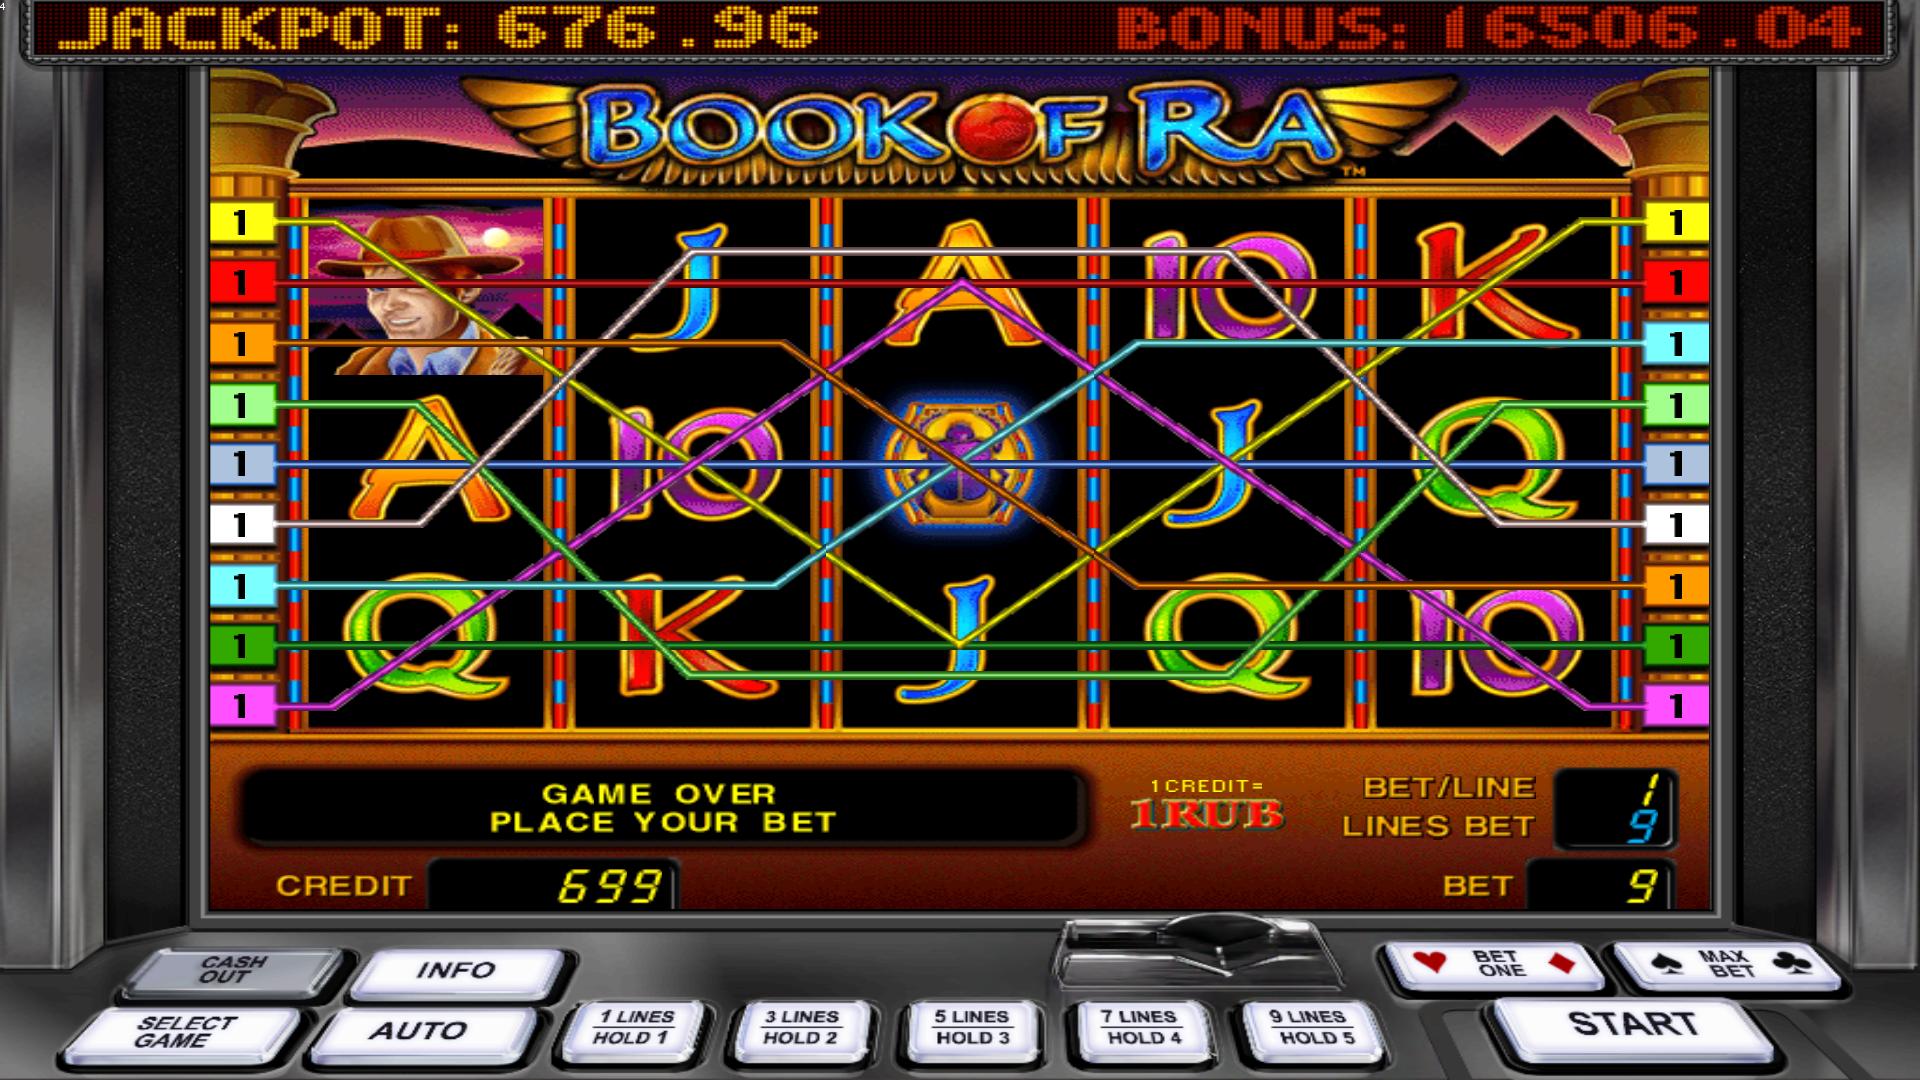 официальный сайт онлайн казино чемпион слотс